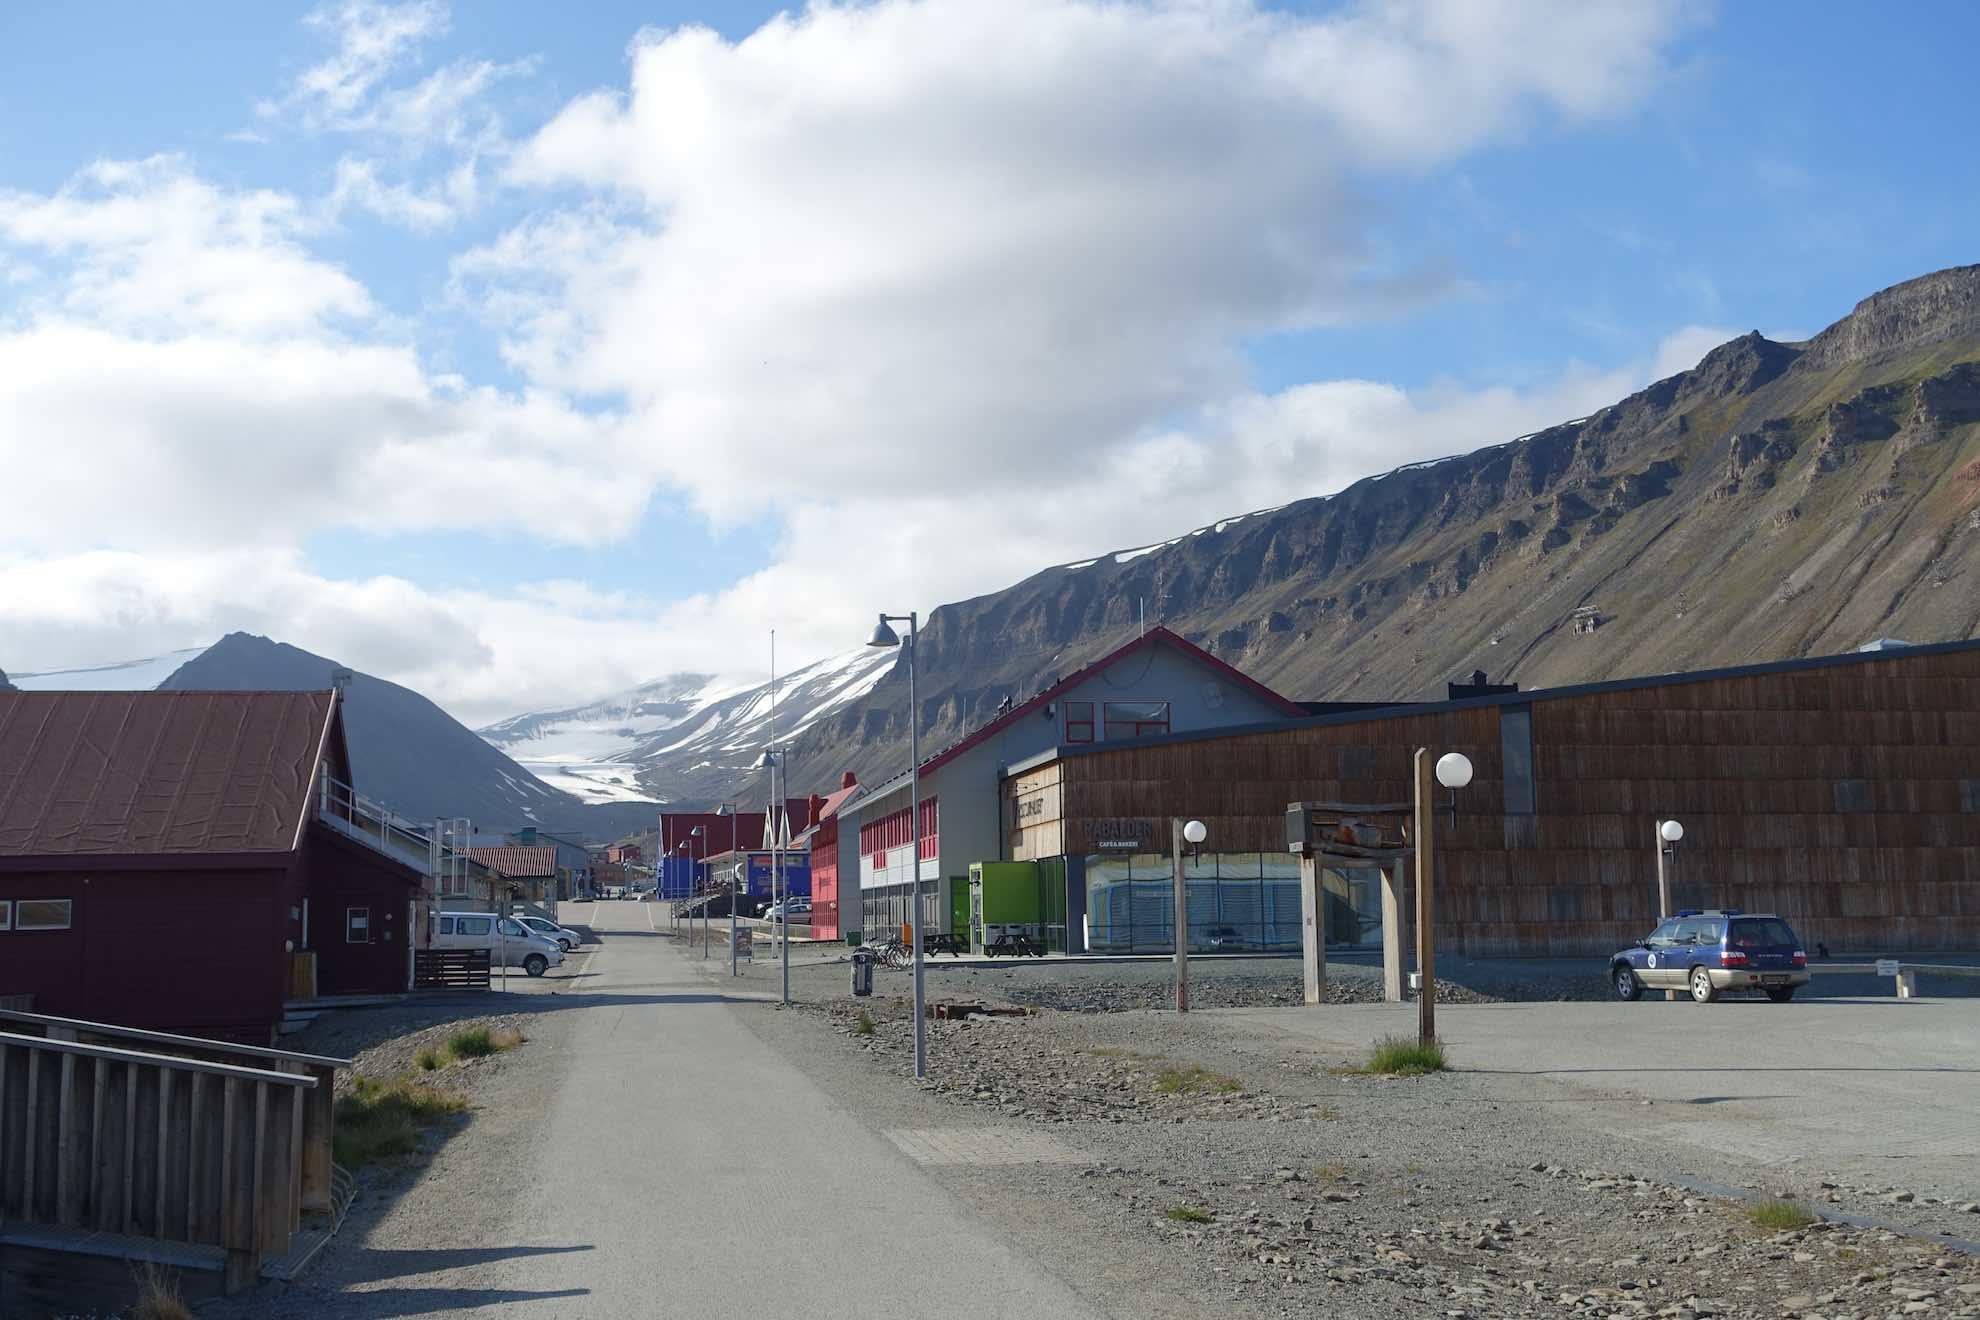 Der Flug geht erst am nächsten Tag. Wir schauen uns Longyearbyen an.